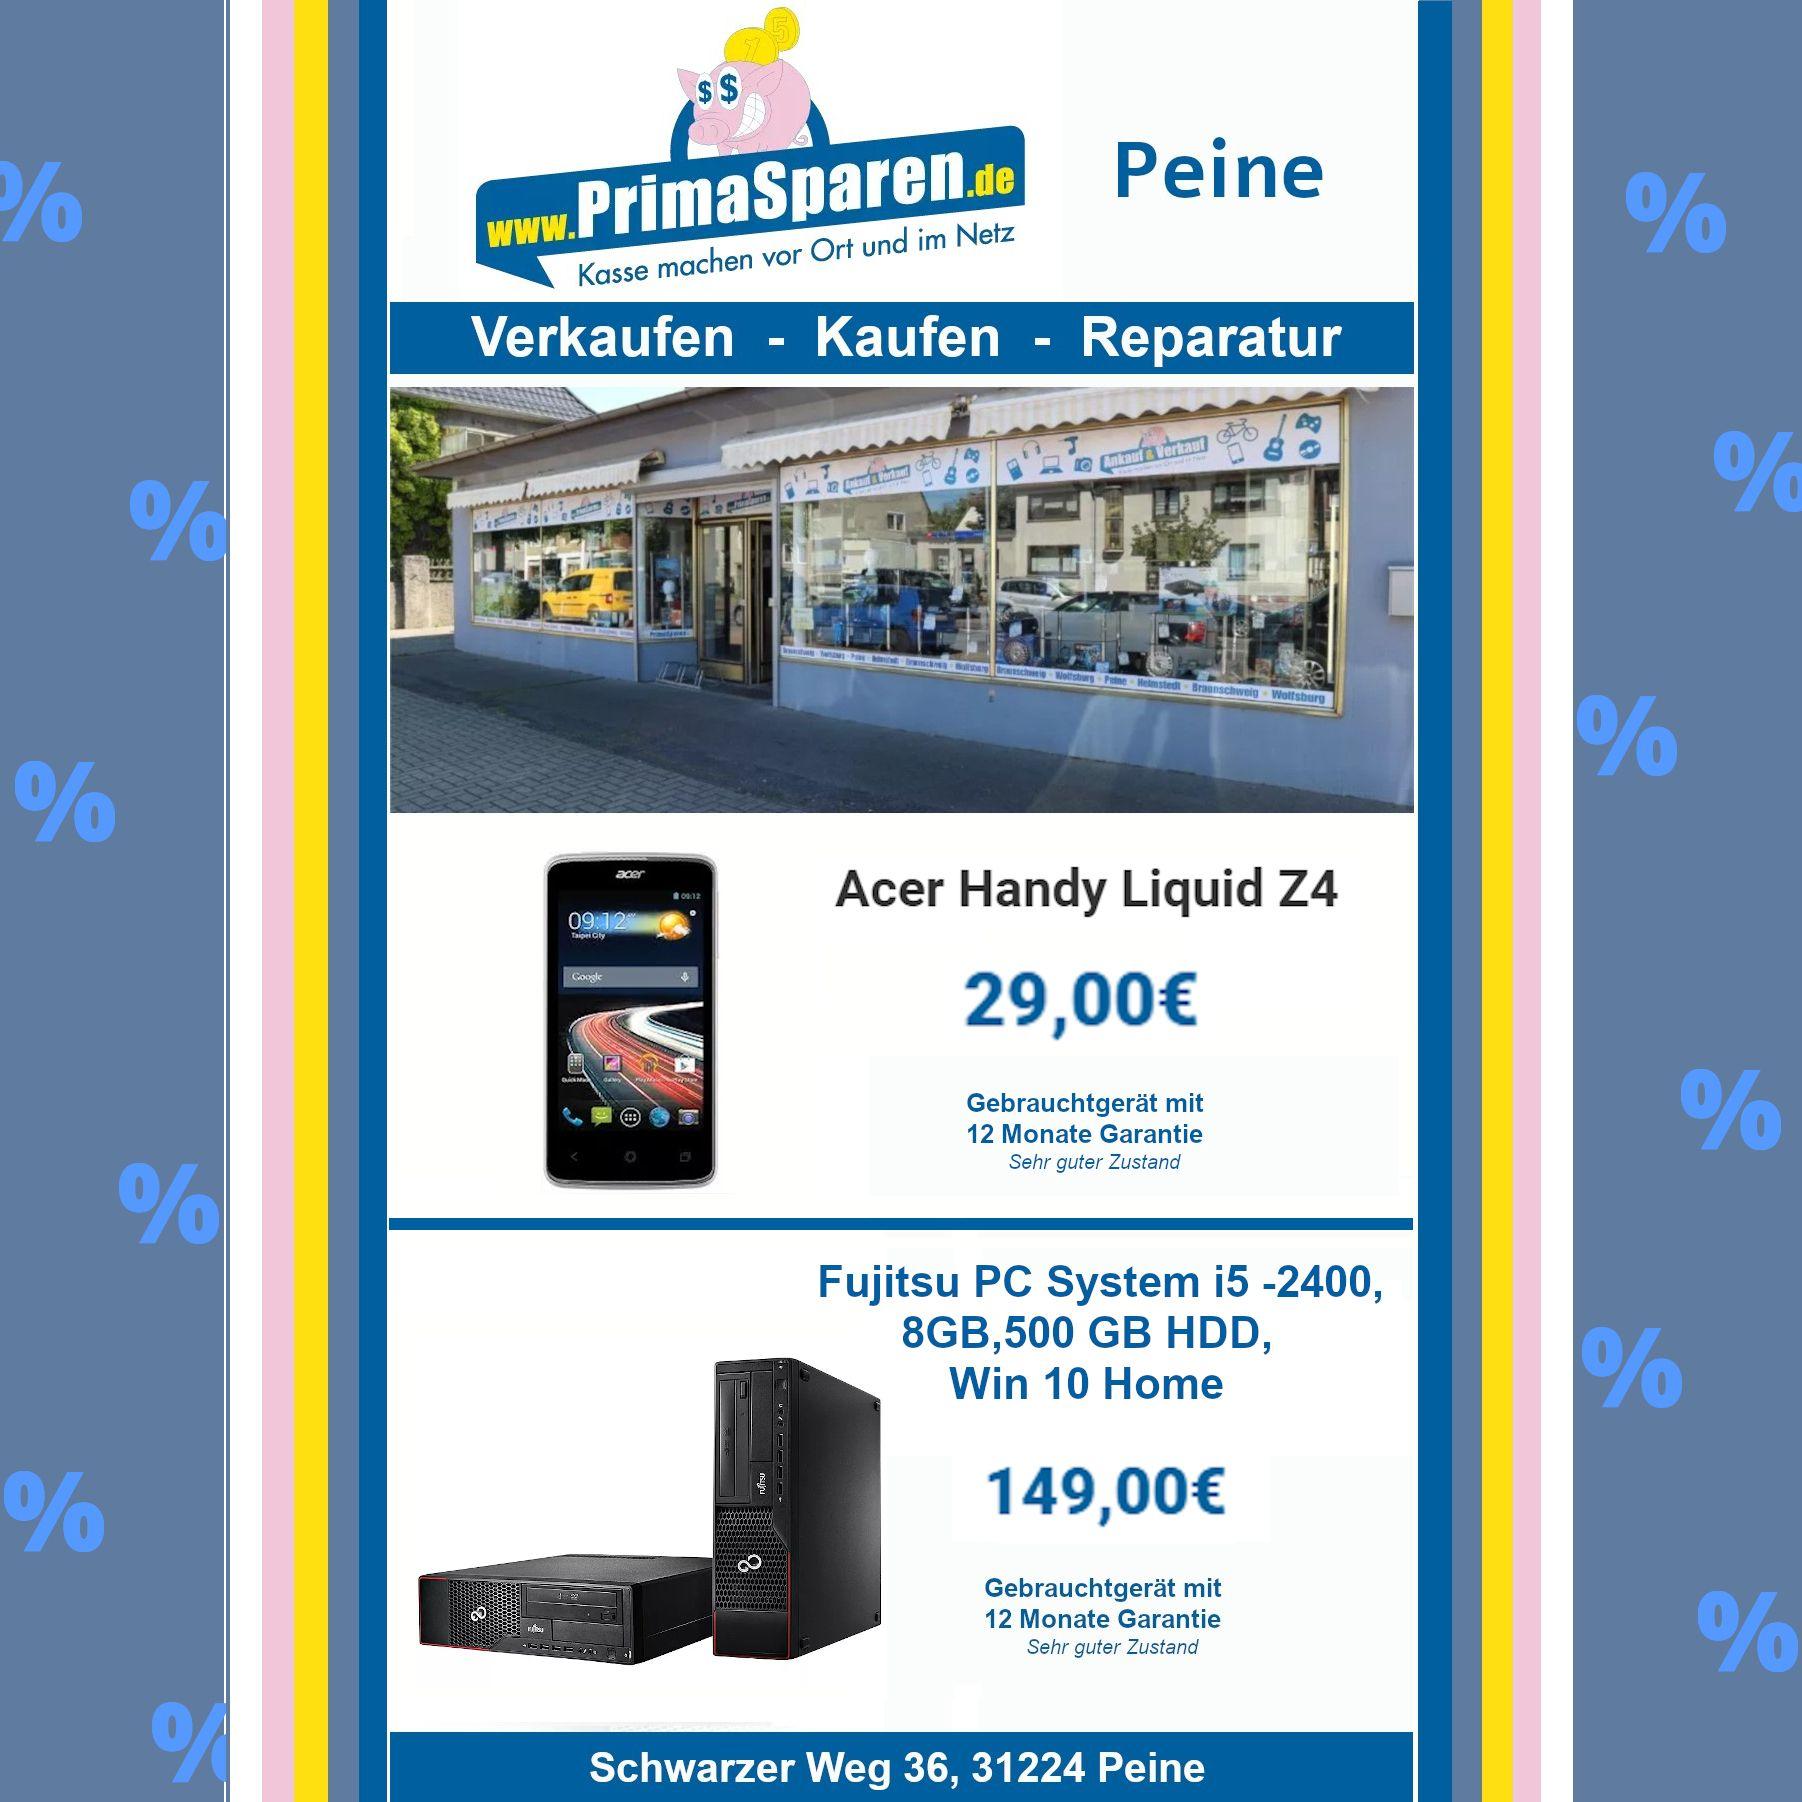 Pin Auf Peine City Online Angebote Aus Peine